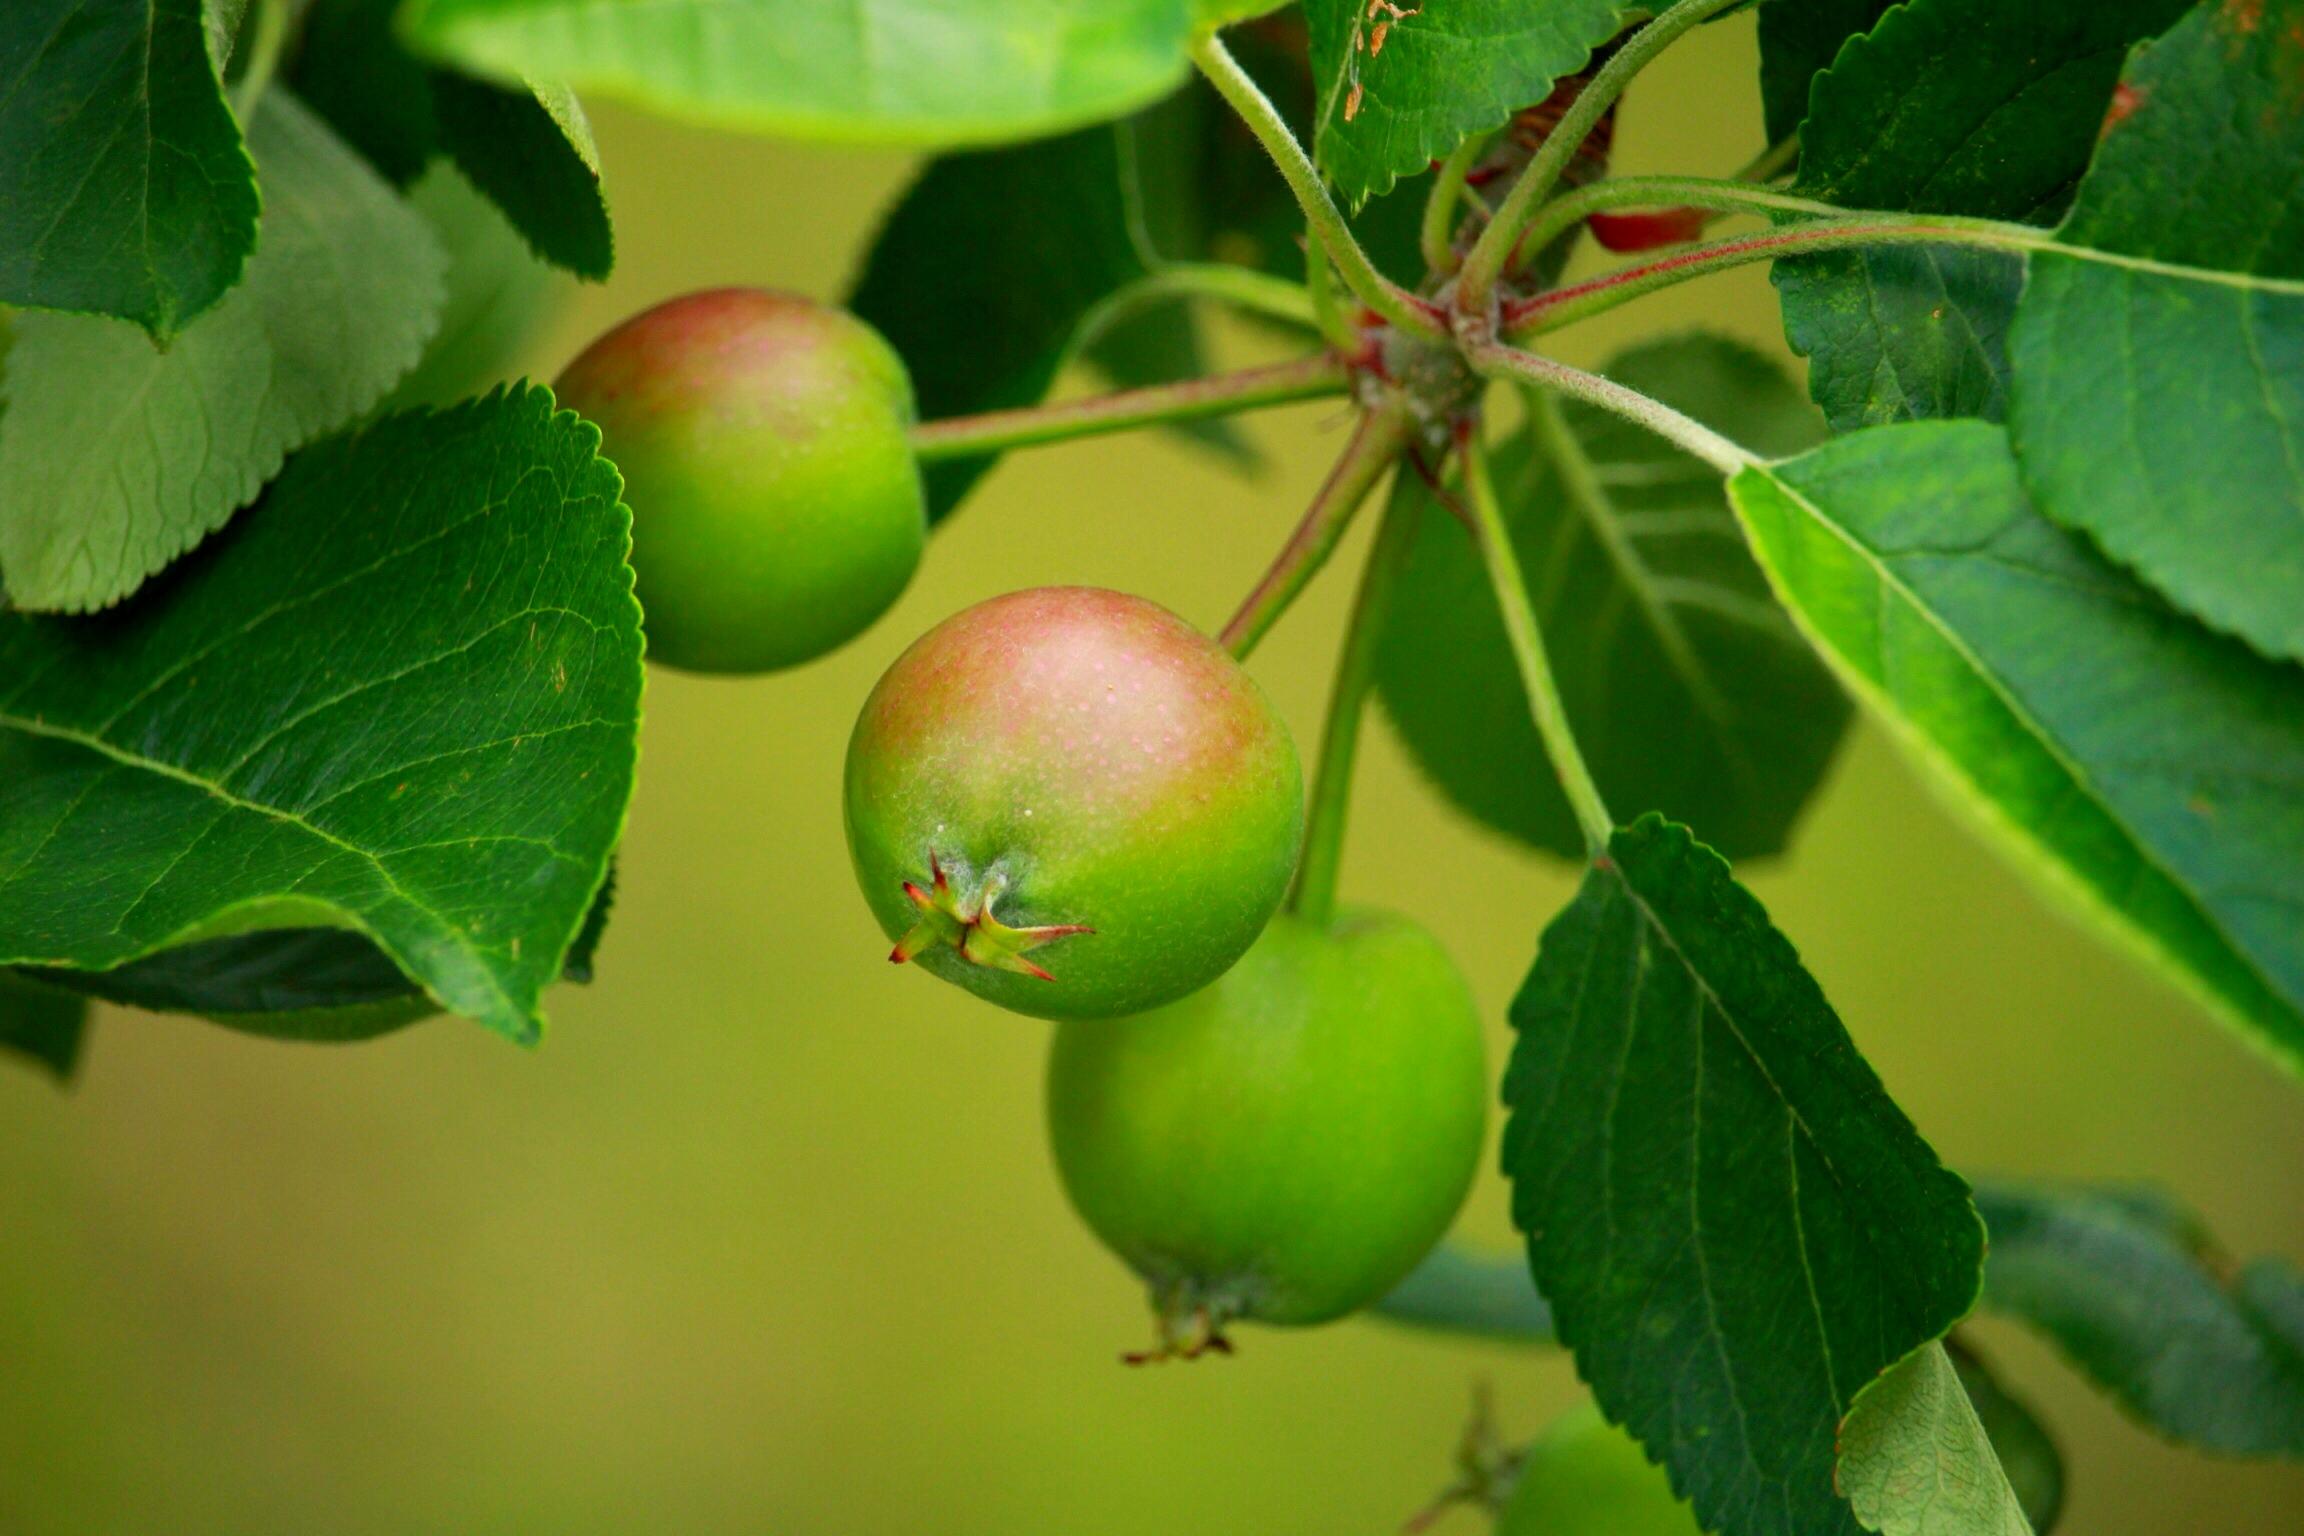 листья яблони картинки витражная пленка